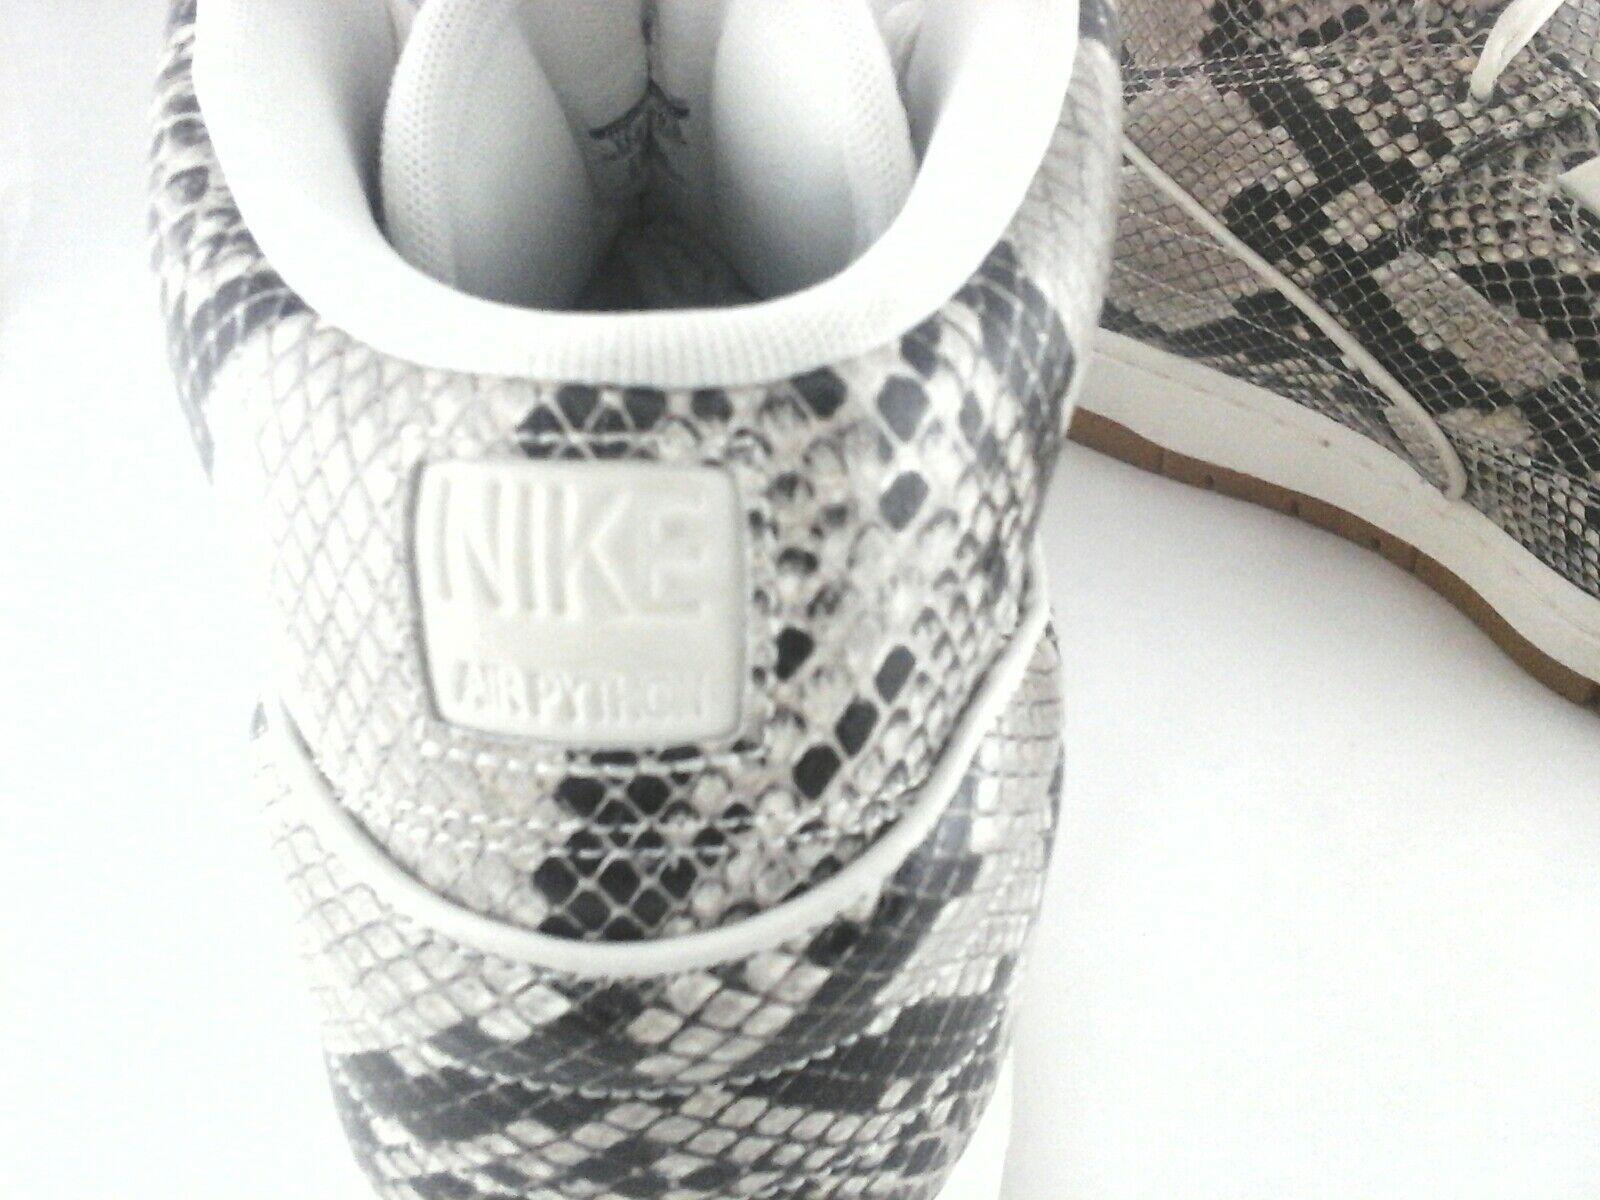 Nike air 705066-201 python - premium - mens - ausdrucken ausdrucken ausdrucken - schlangenleder schuhe. 5de013